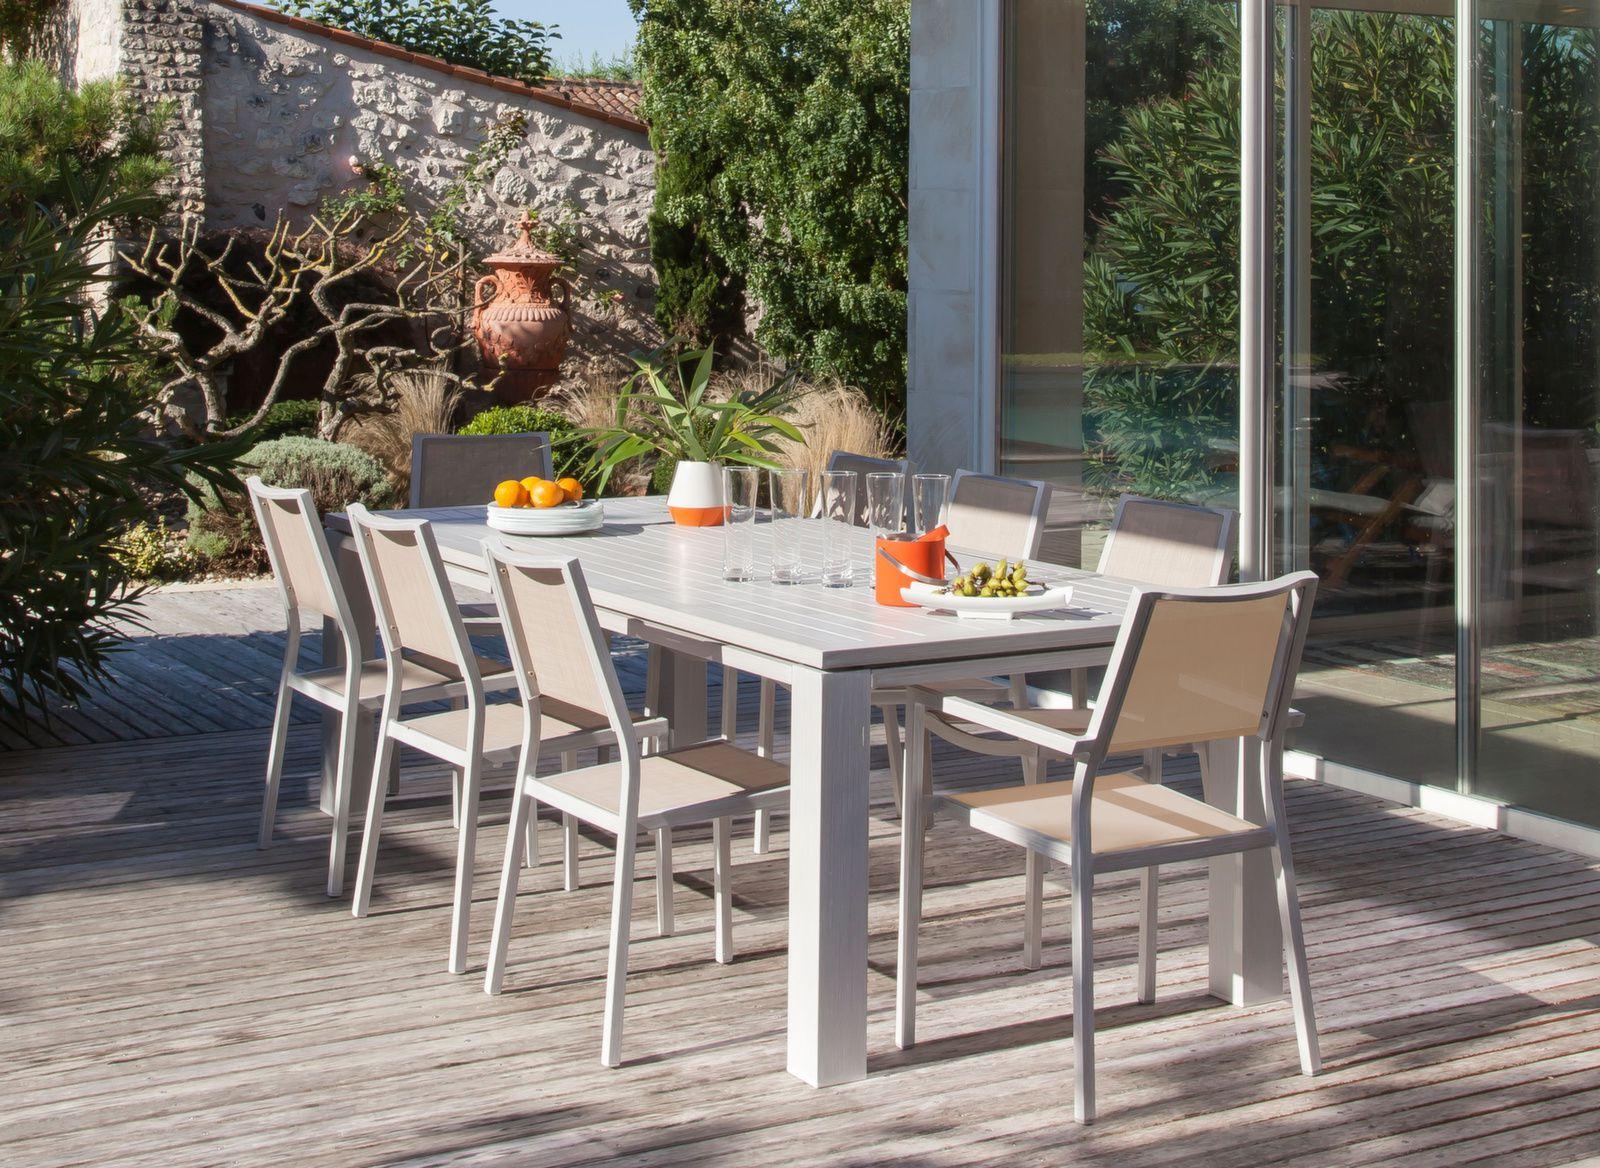 Table de jardin aluminium - Meuble d\'extérieur - Proloisirs